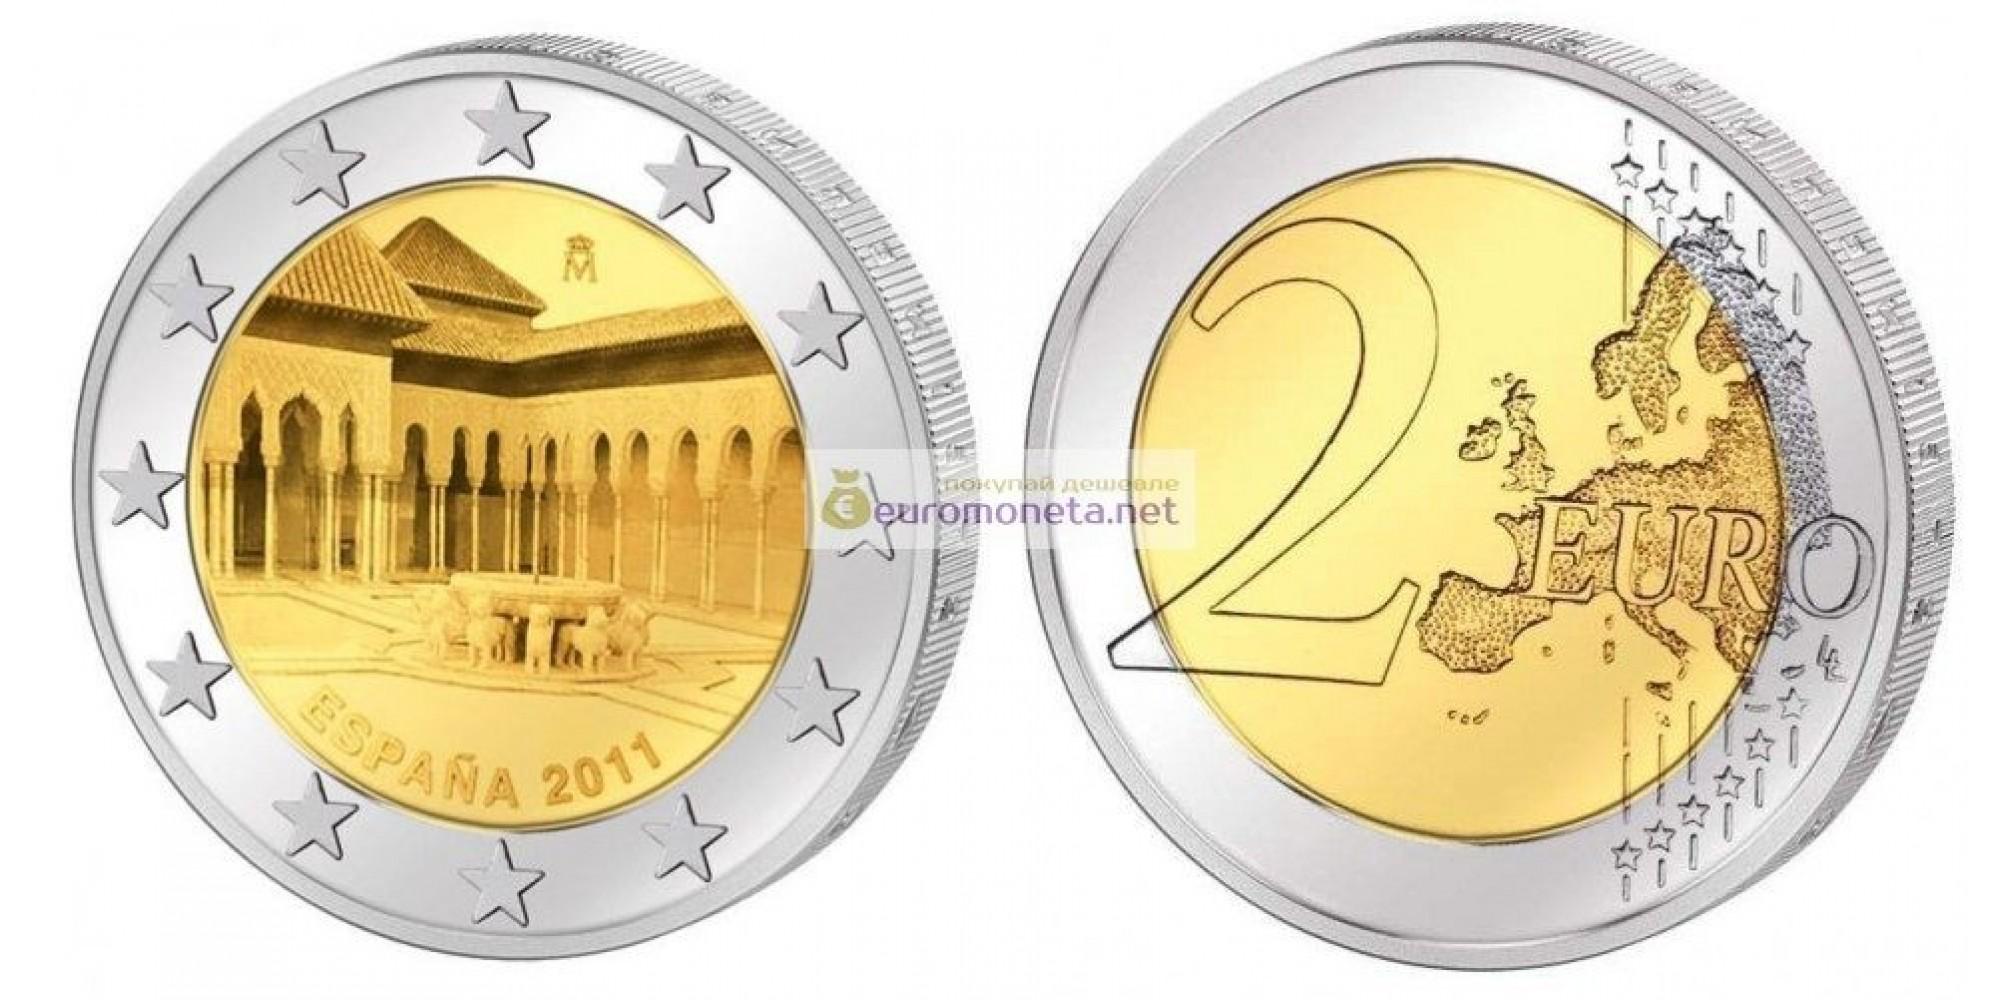 Испания 2 евро 2011 год ЮНЕСКО - Альгамбра, Хенералифе и Альбасин в городе Гранада, биметалл. АЦ